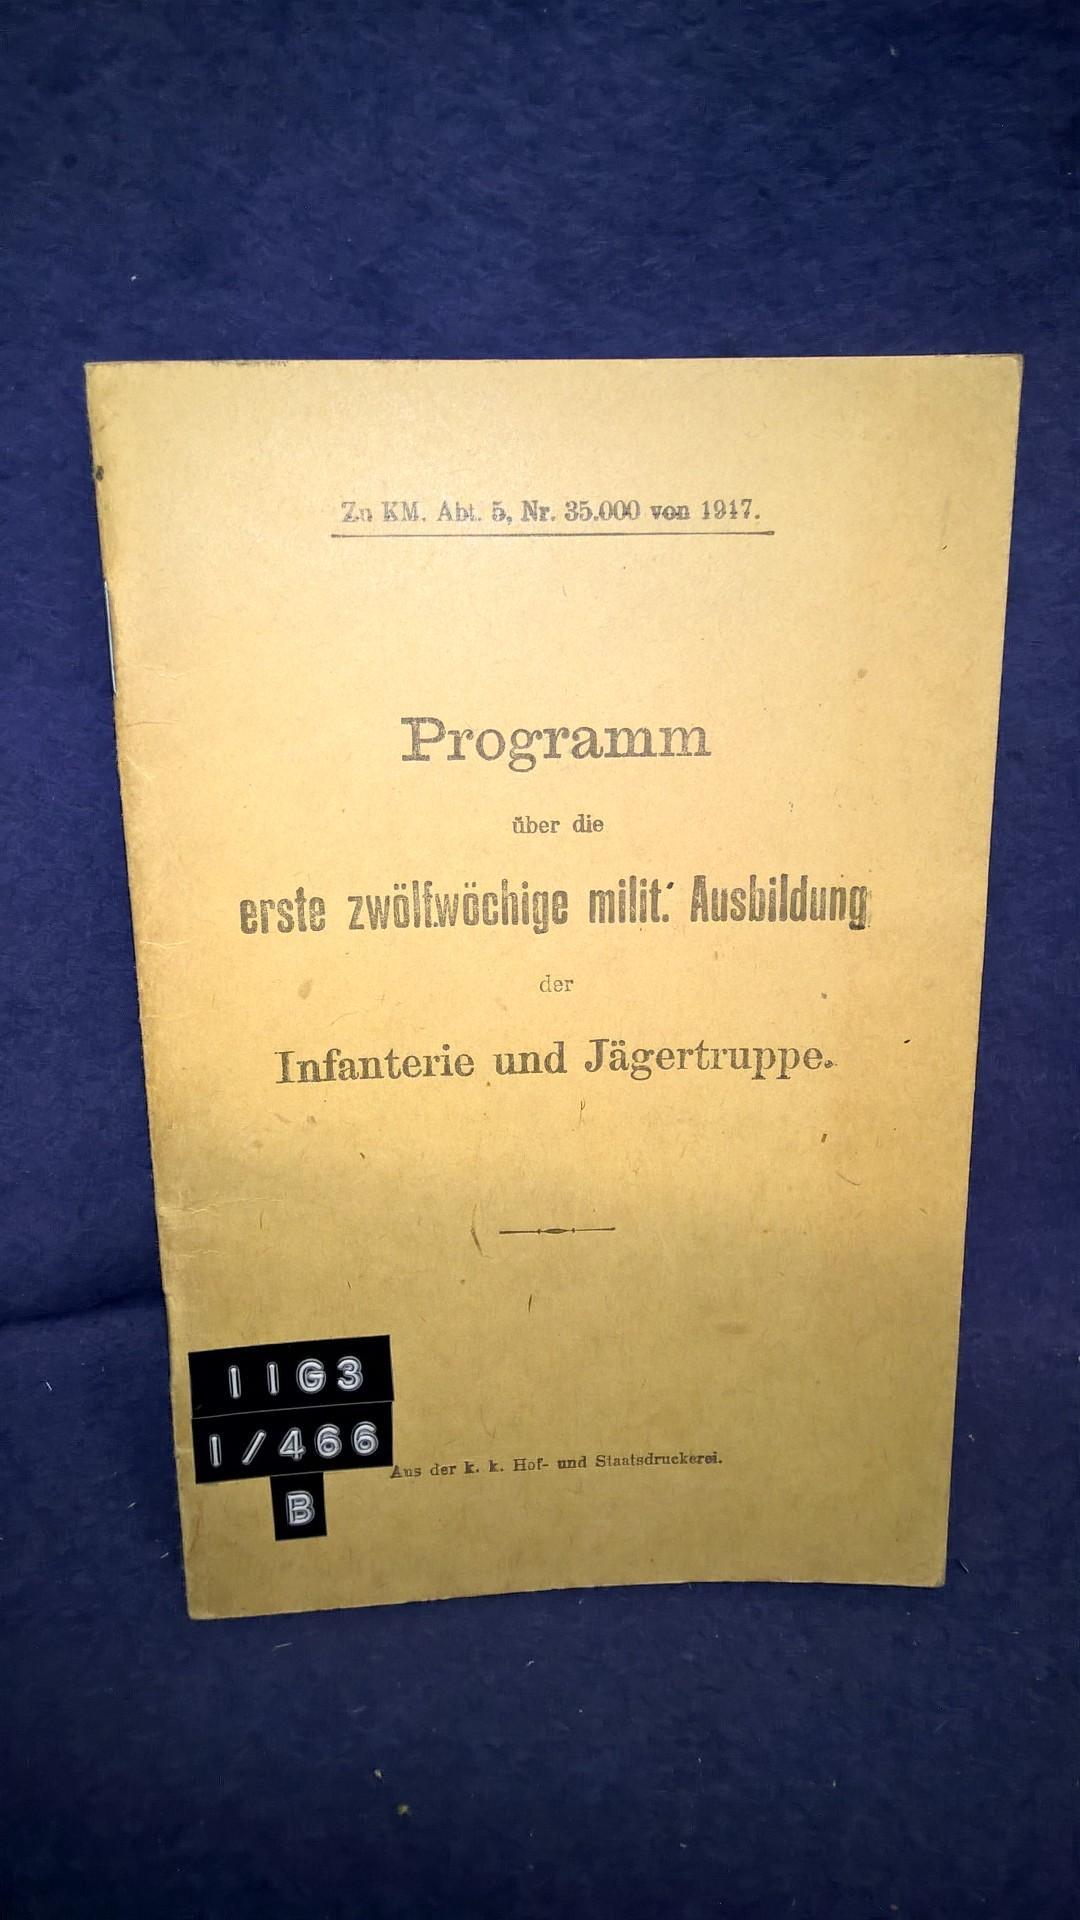 Programm über die erste zwölfwöchige militärische Ausbildung der Infanterie und Jägertruppe. K.u.K. 1917.